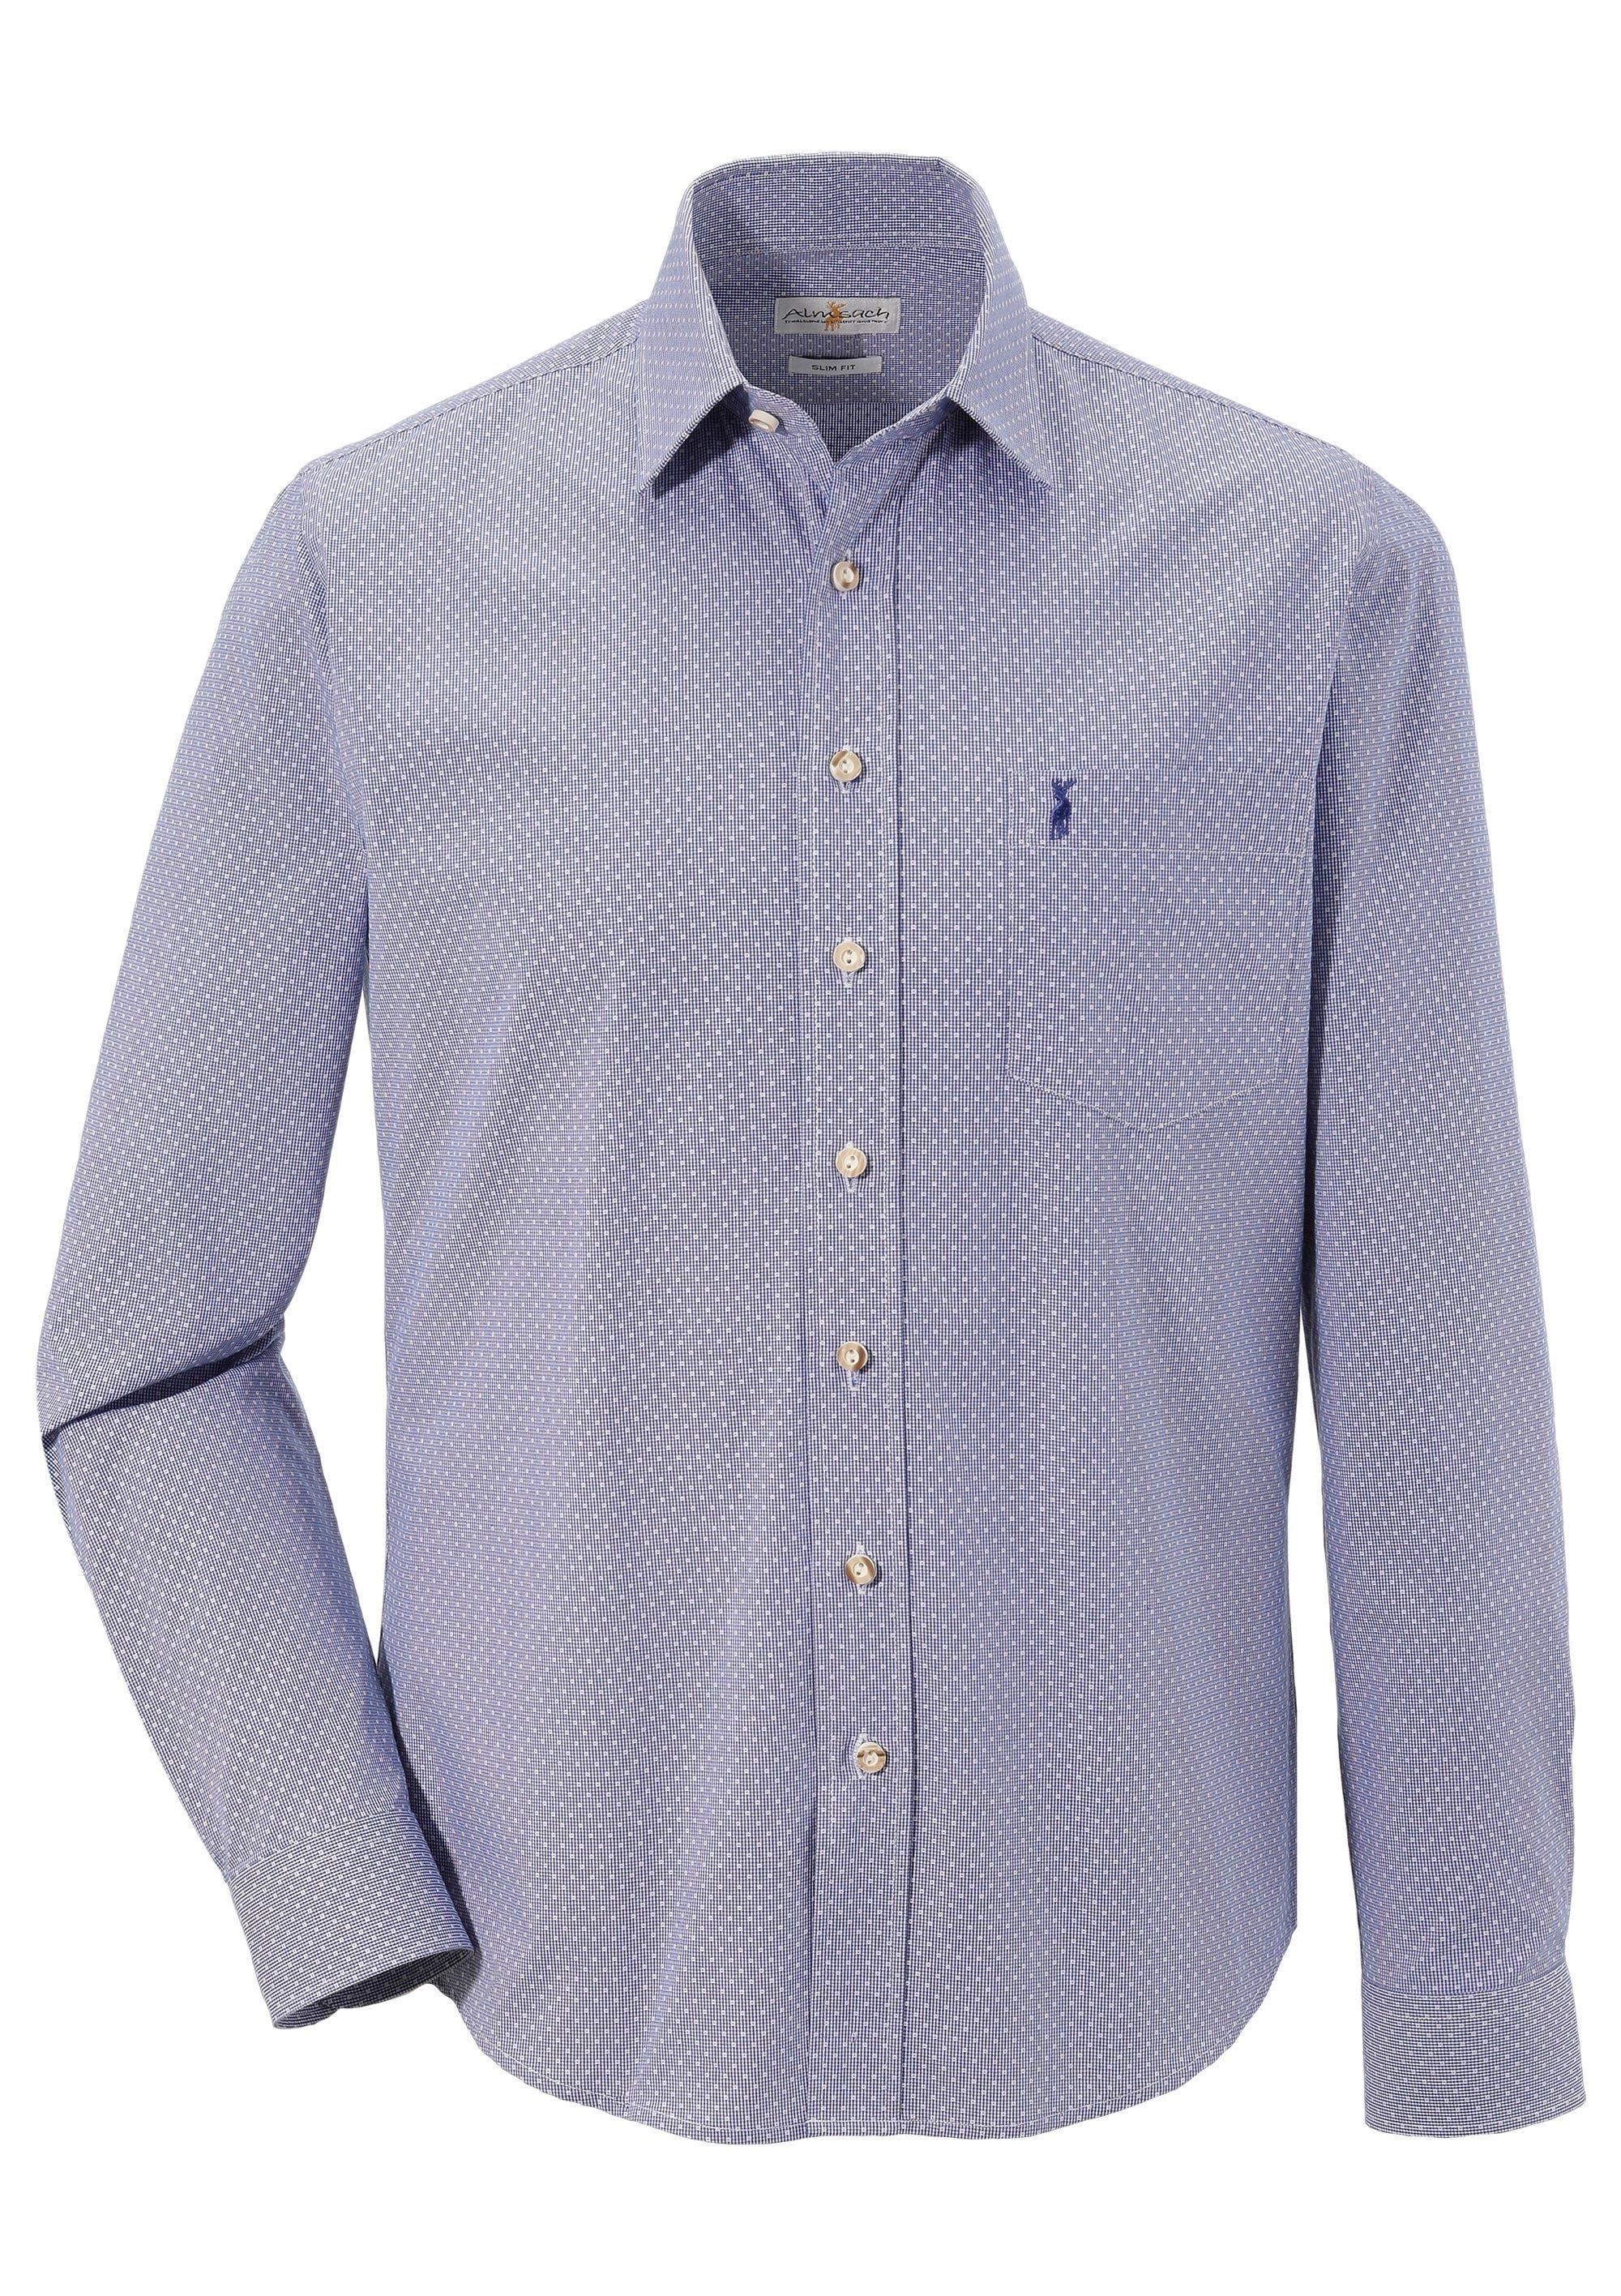 Image of Almsach Trachtenhemd mit dezenter Musterung